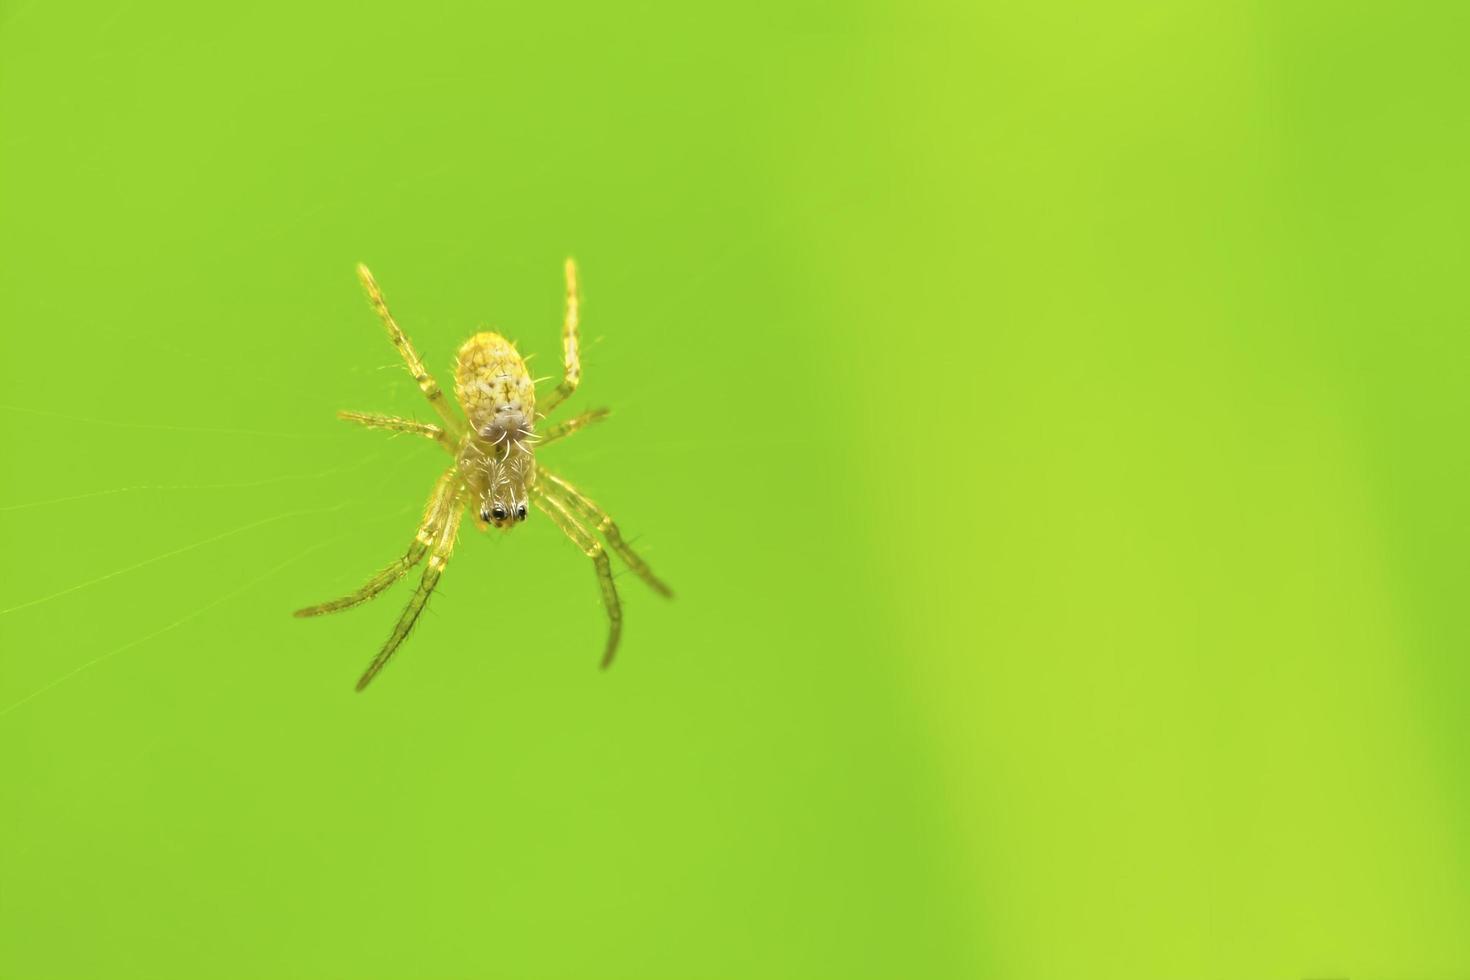 Spinne auf Spinnennetz und grünem Hintergrund foto